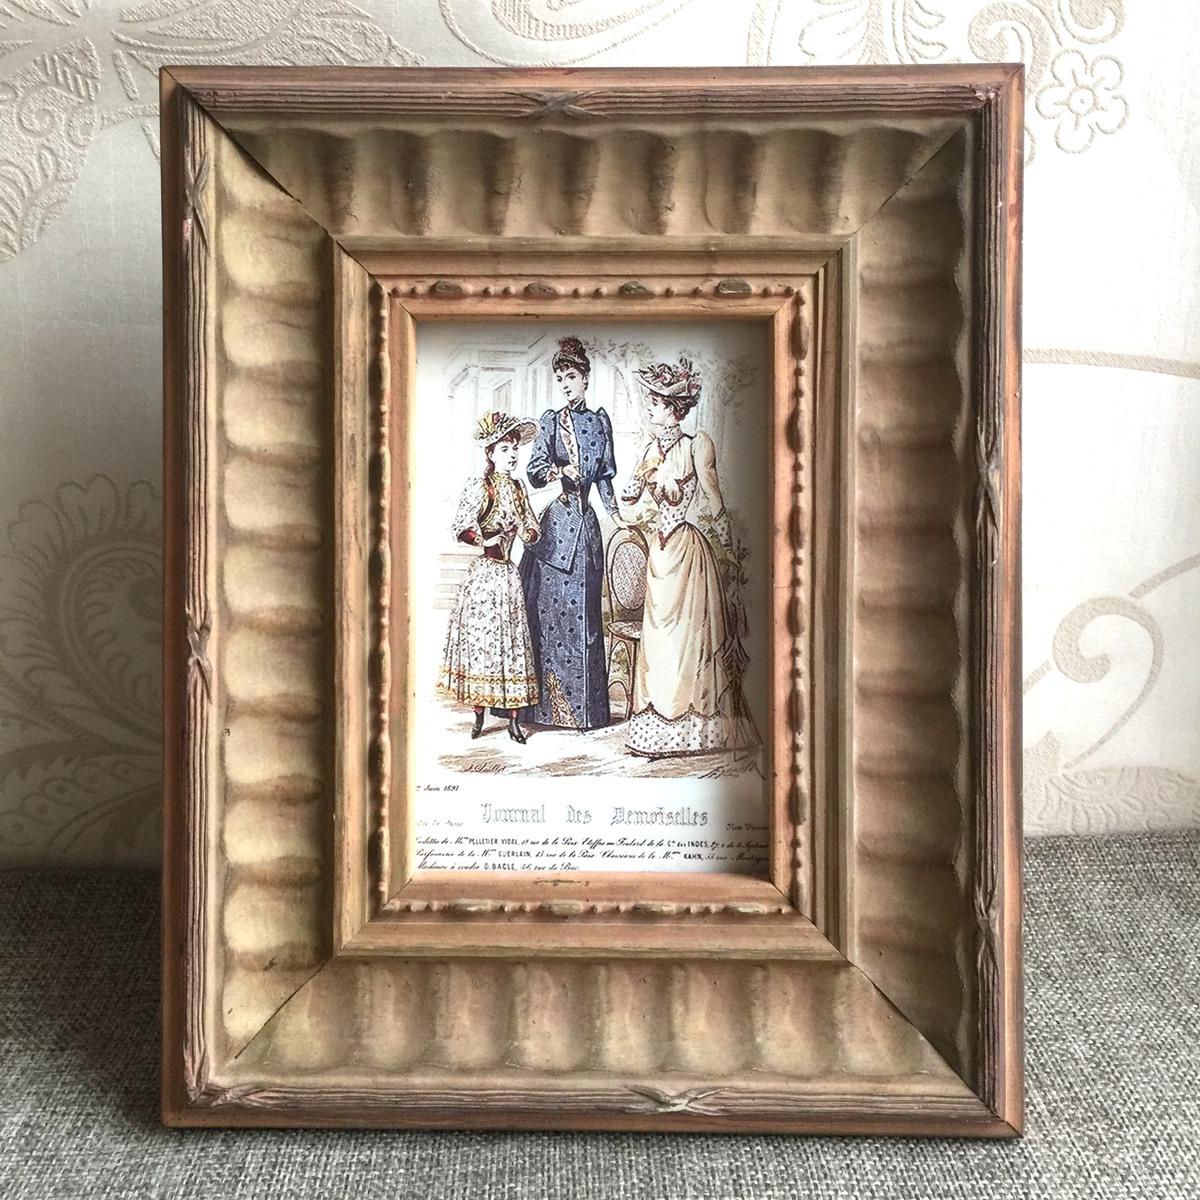 摆件装饰创意礼品 实木相框 复古古典 寸欧式美式相框 7 寸 6 寸 3